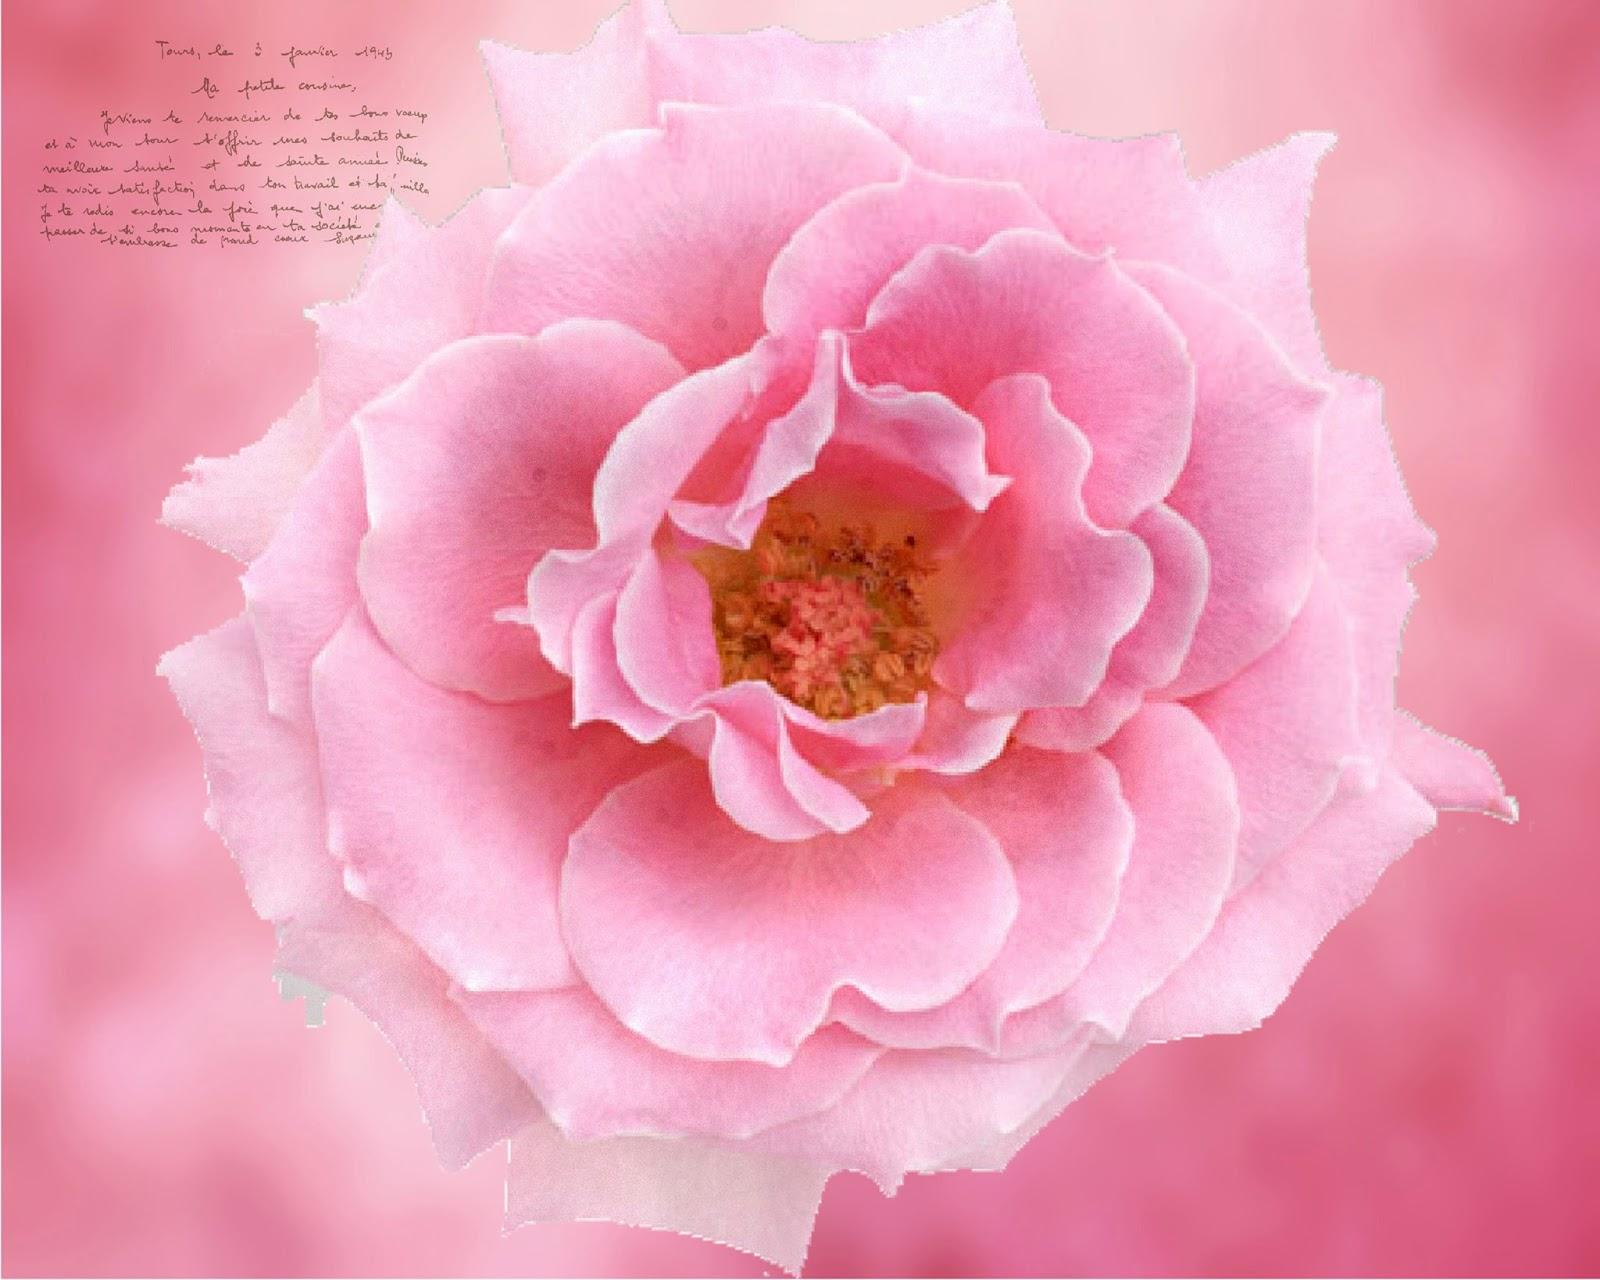 http://2.bp.blogspot.com/-a7YQJippc38/UuhZUNhF5AI/AAAAAAAAEpo/_Z630z1LerQ/s1600/102+larger+picture.jpg